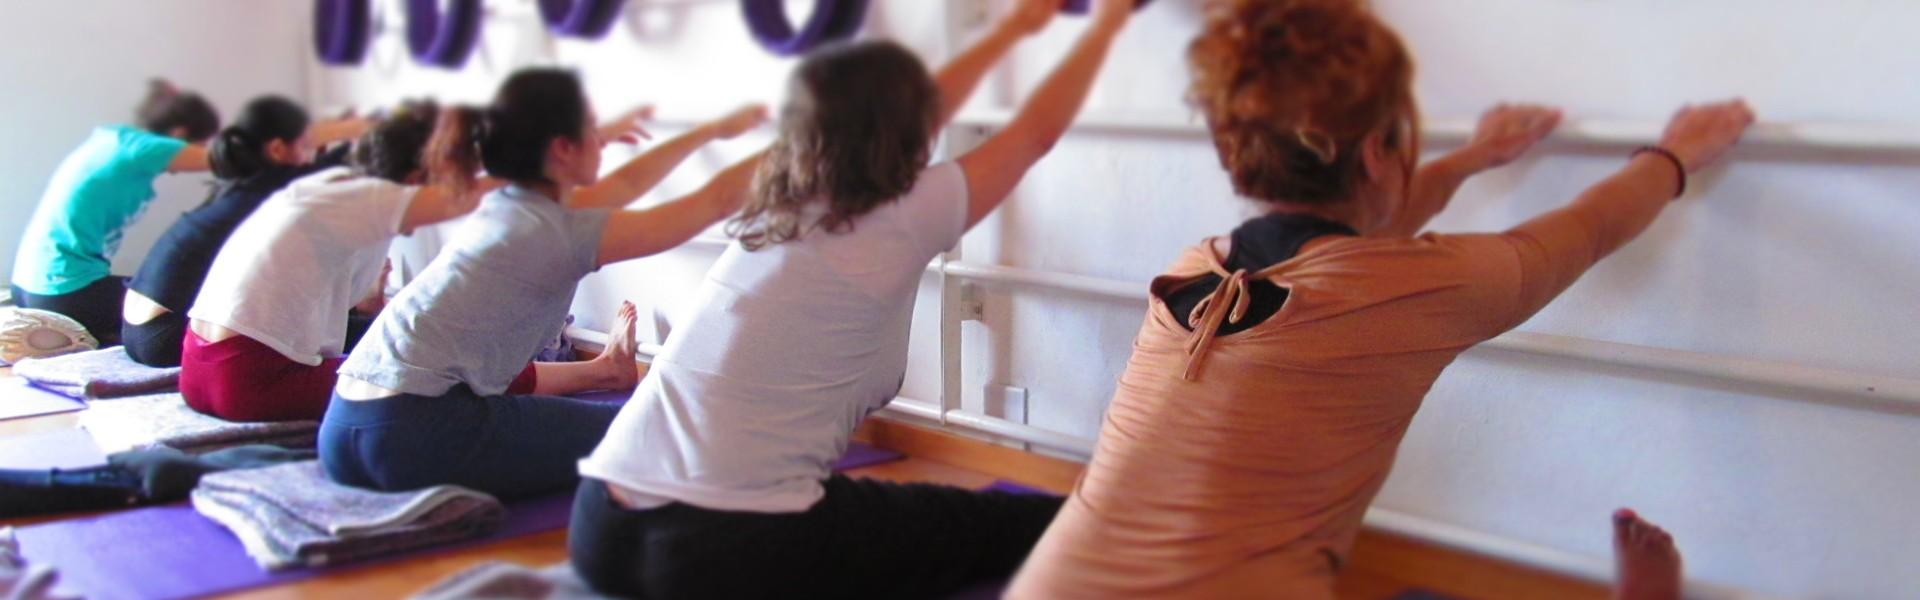 Santosha – Estudio de Yoga Iyengar en Nuñez